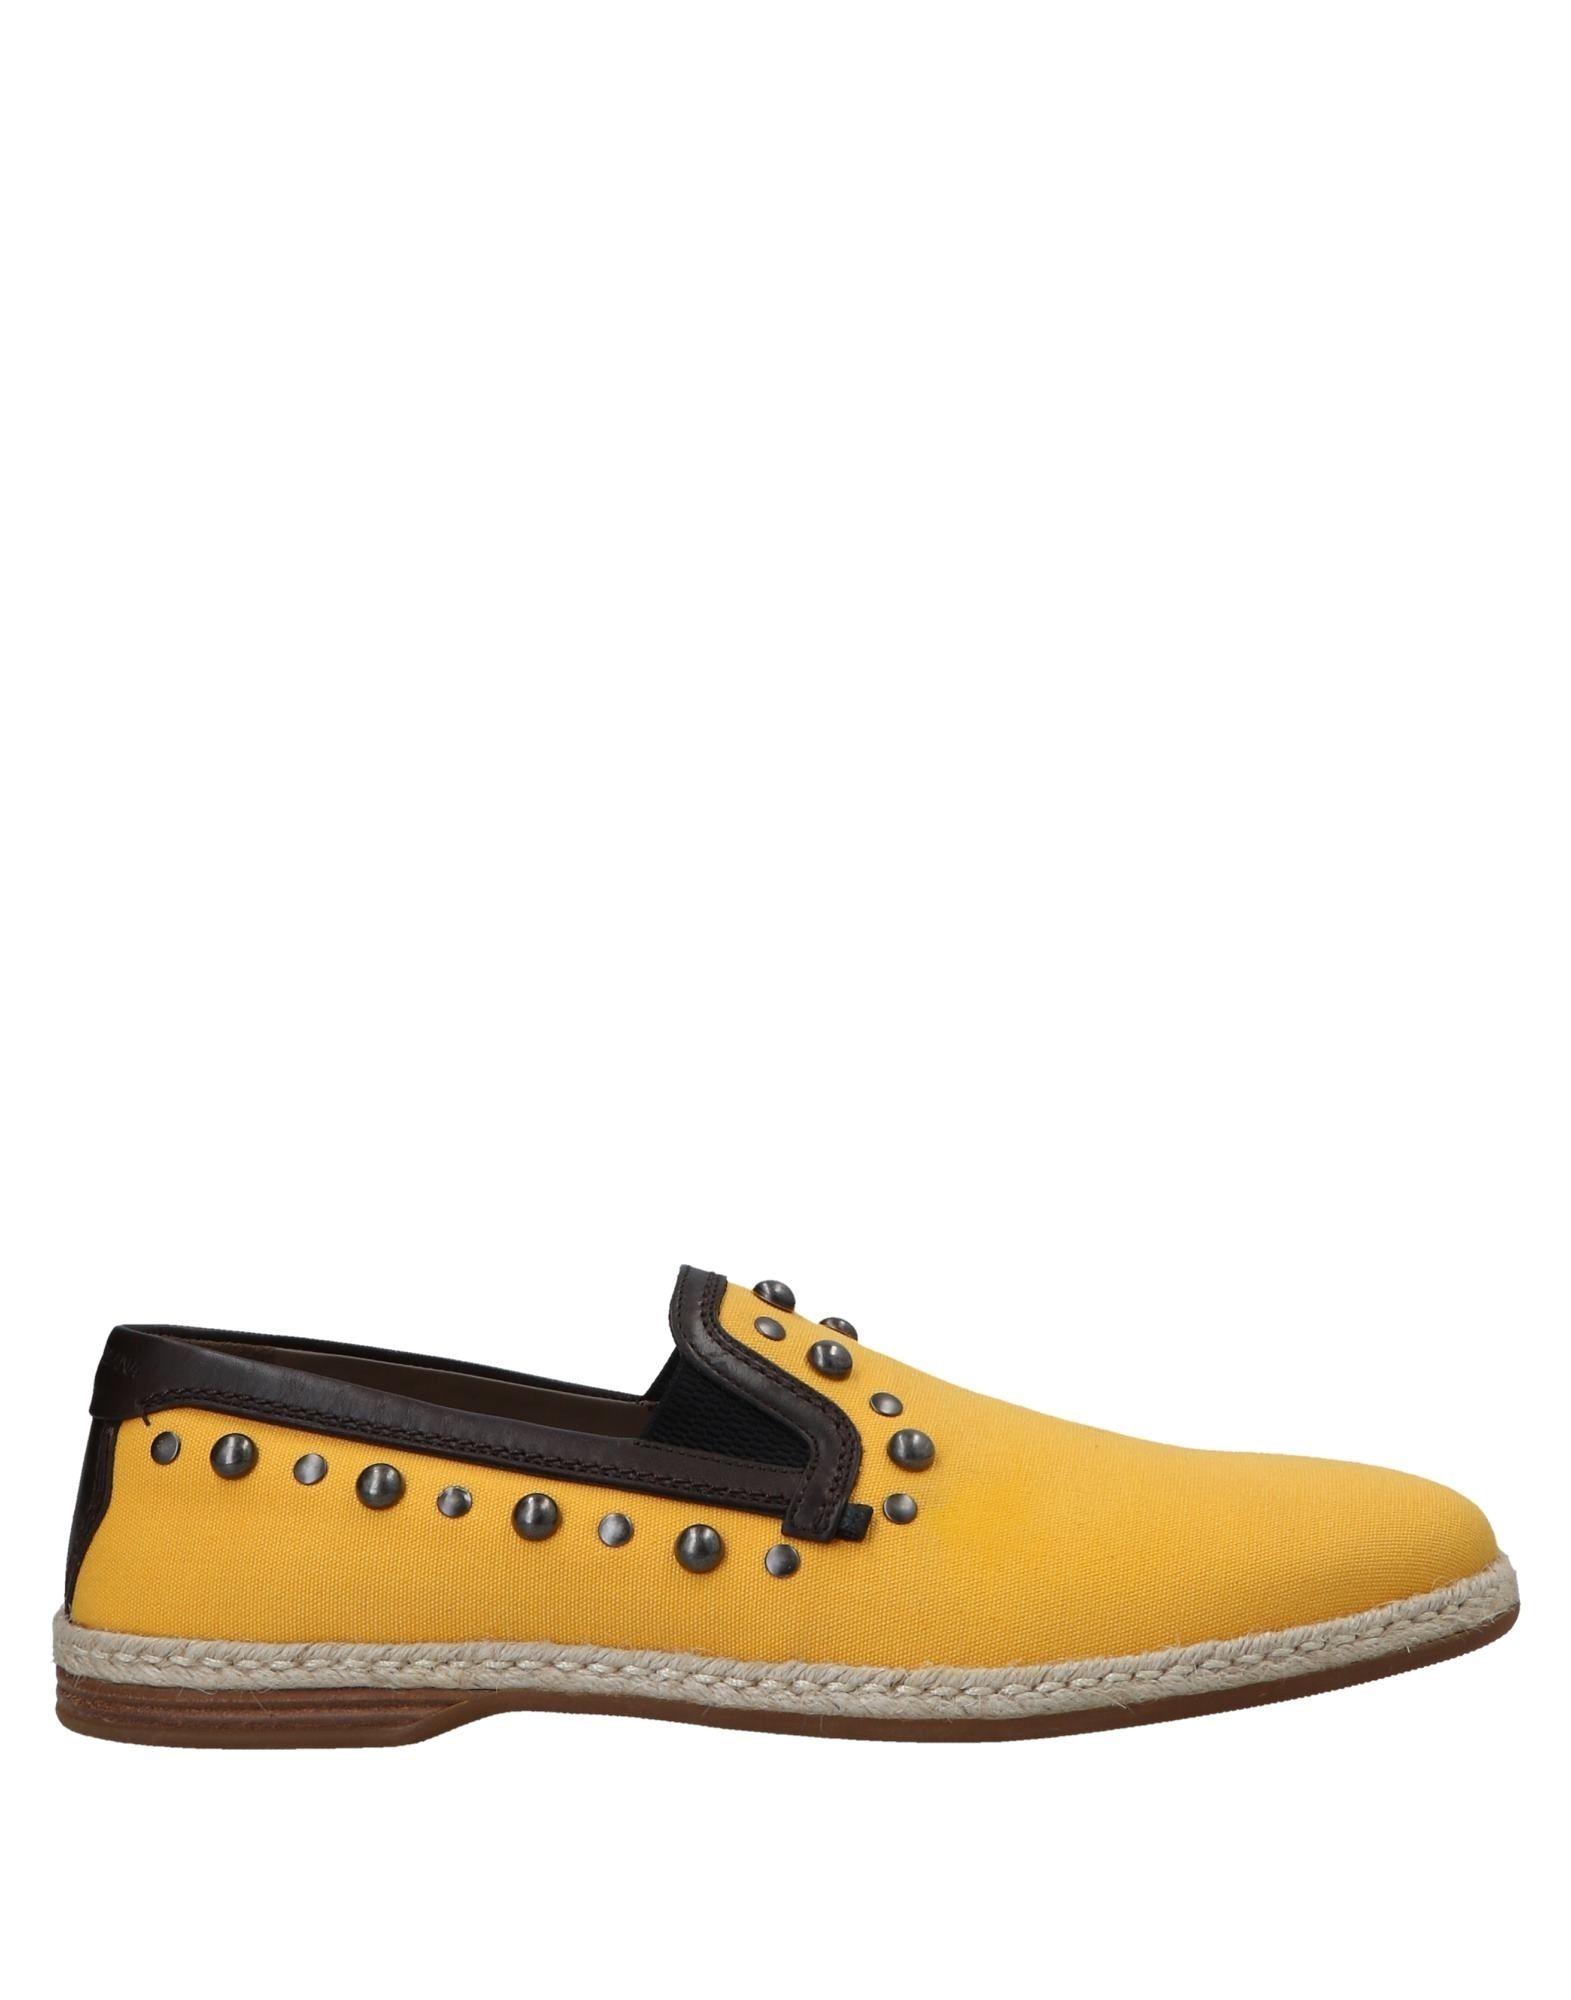 Zapatillas Dolce & Gabbana Gabbana & Hombre - Zapatillas Dolce & Gabbana  Ocre c05028